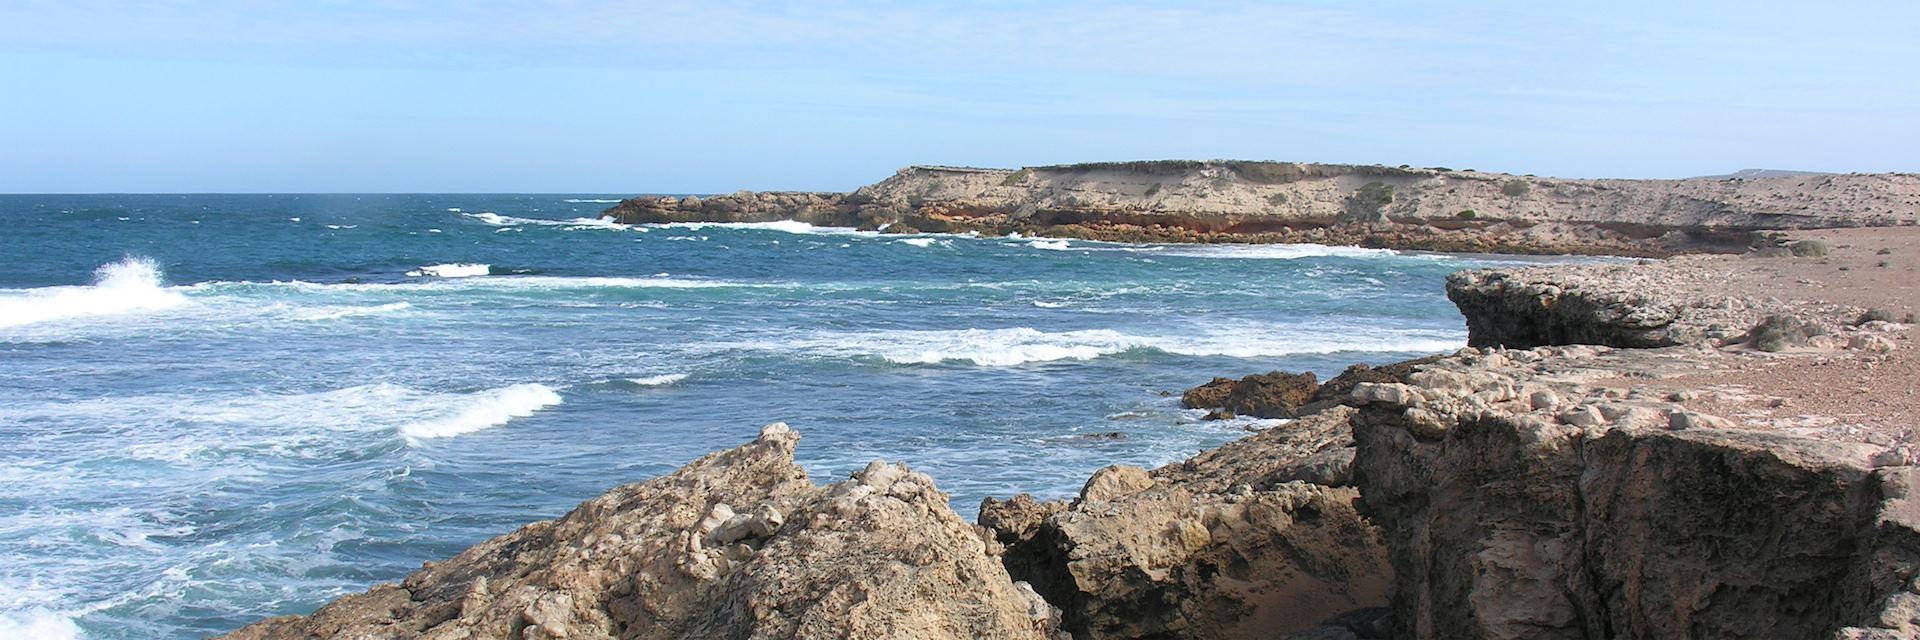 Baird Bay, Eyre Peninsula